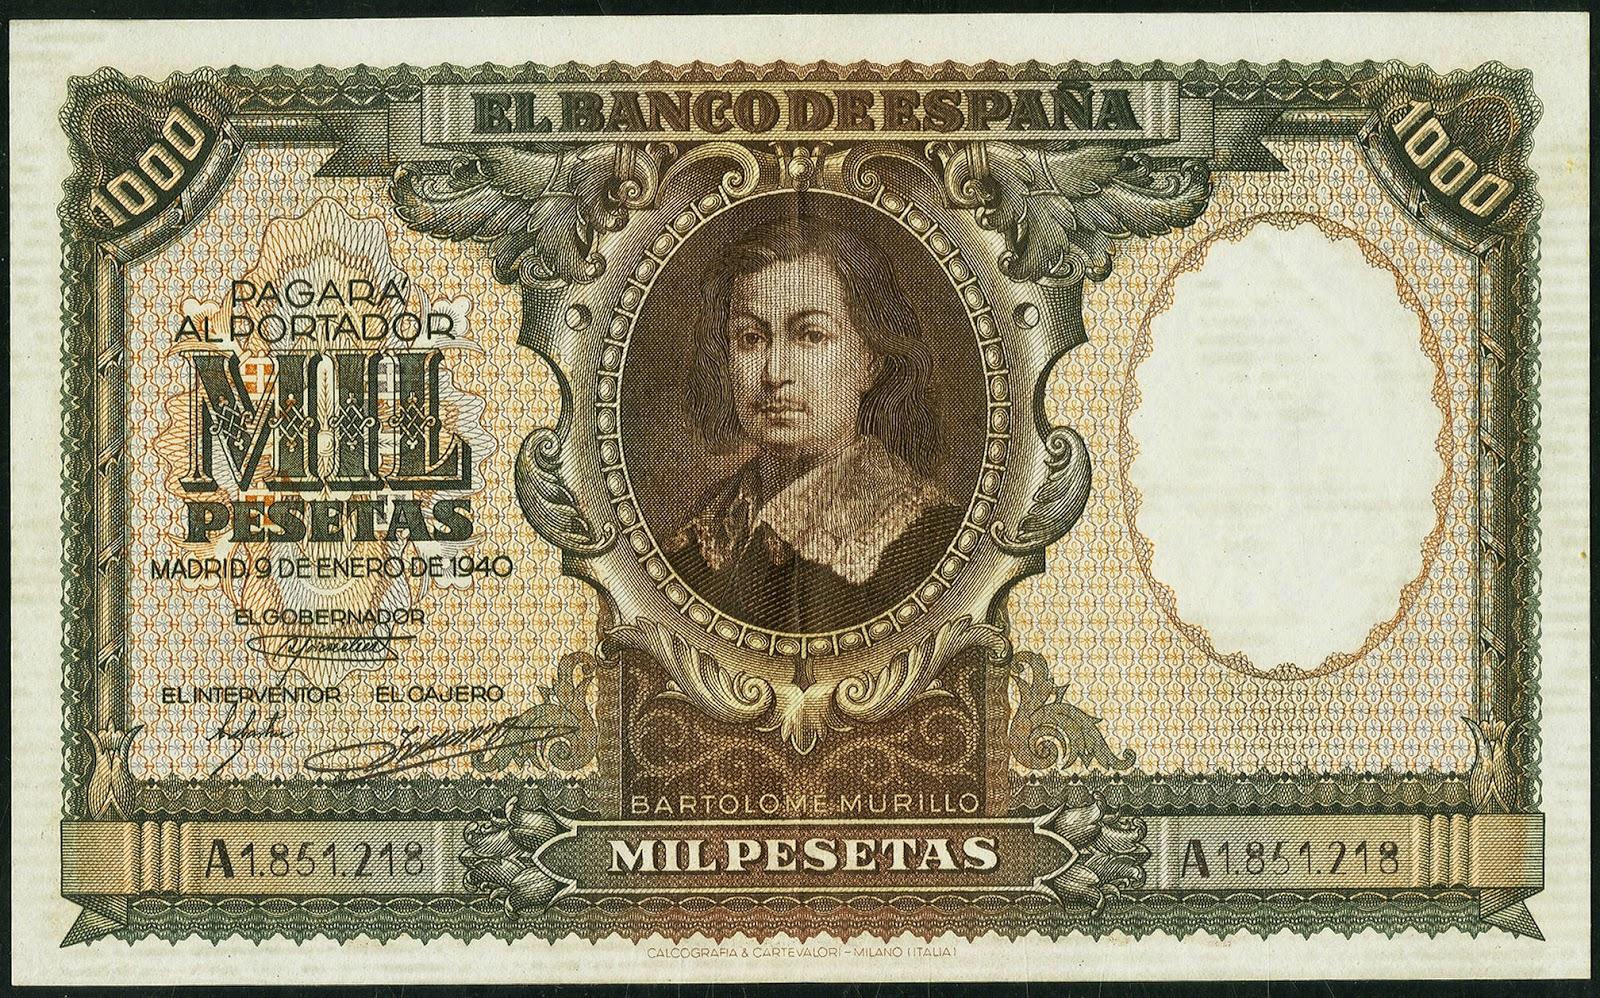 Spain Banknotes 1000 Pesetas banknote 1940 Bartolomé Esteban Murillo